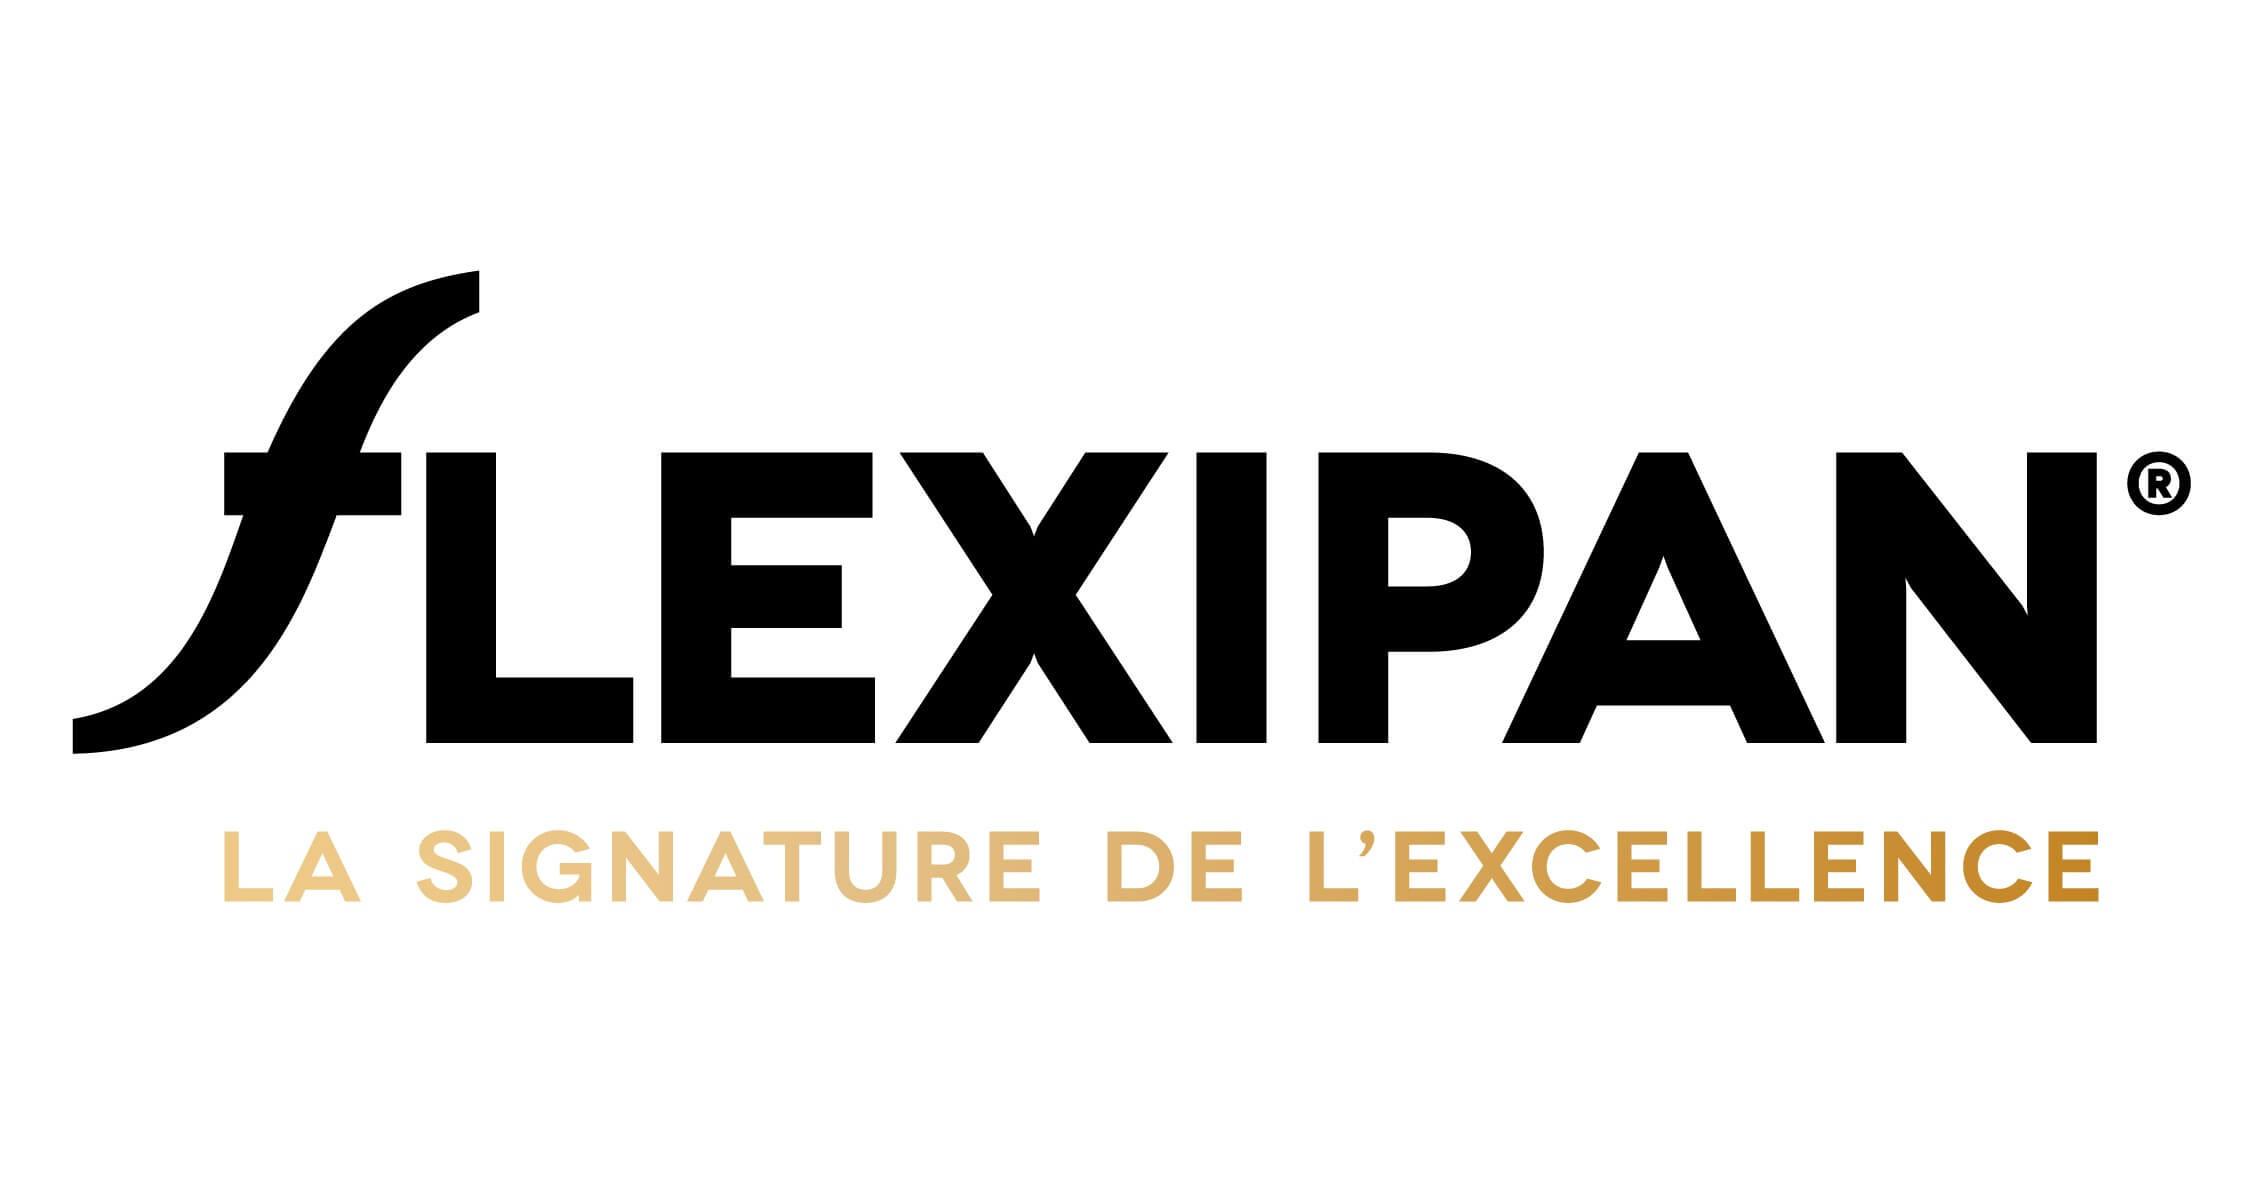 Flexipan